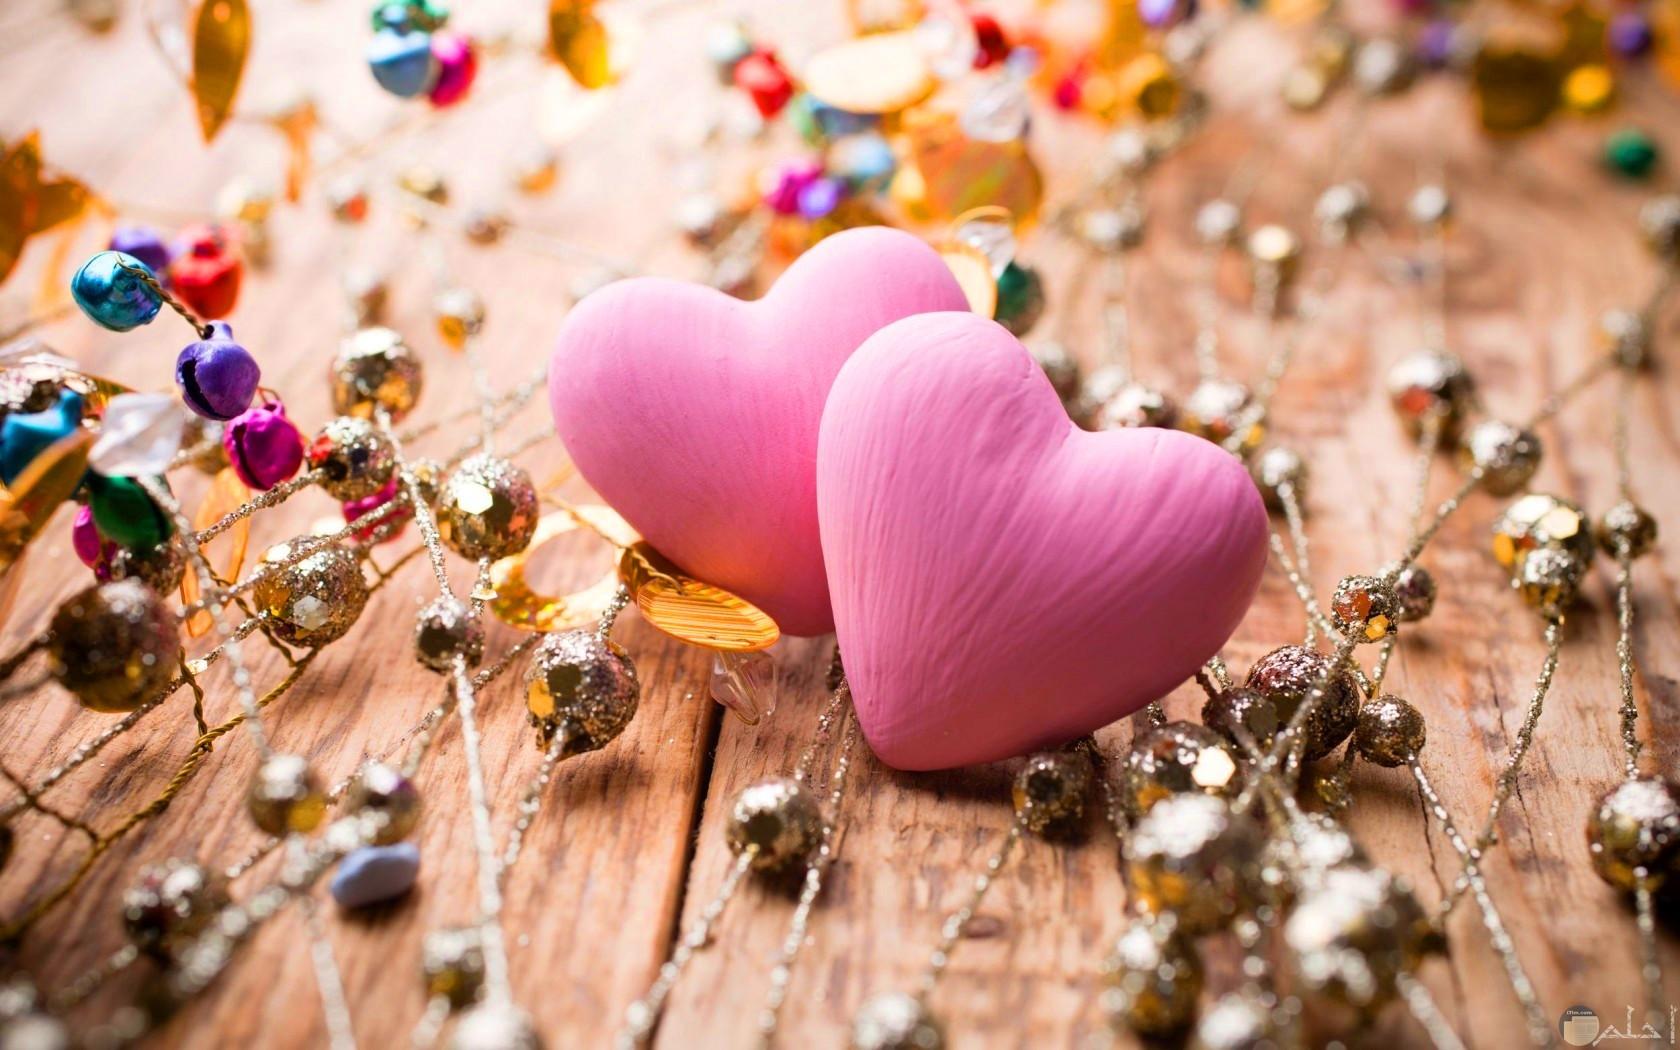 قلبين لونهم روز بخلفية جميلة